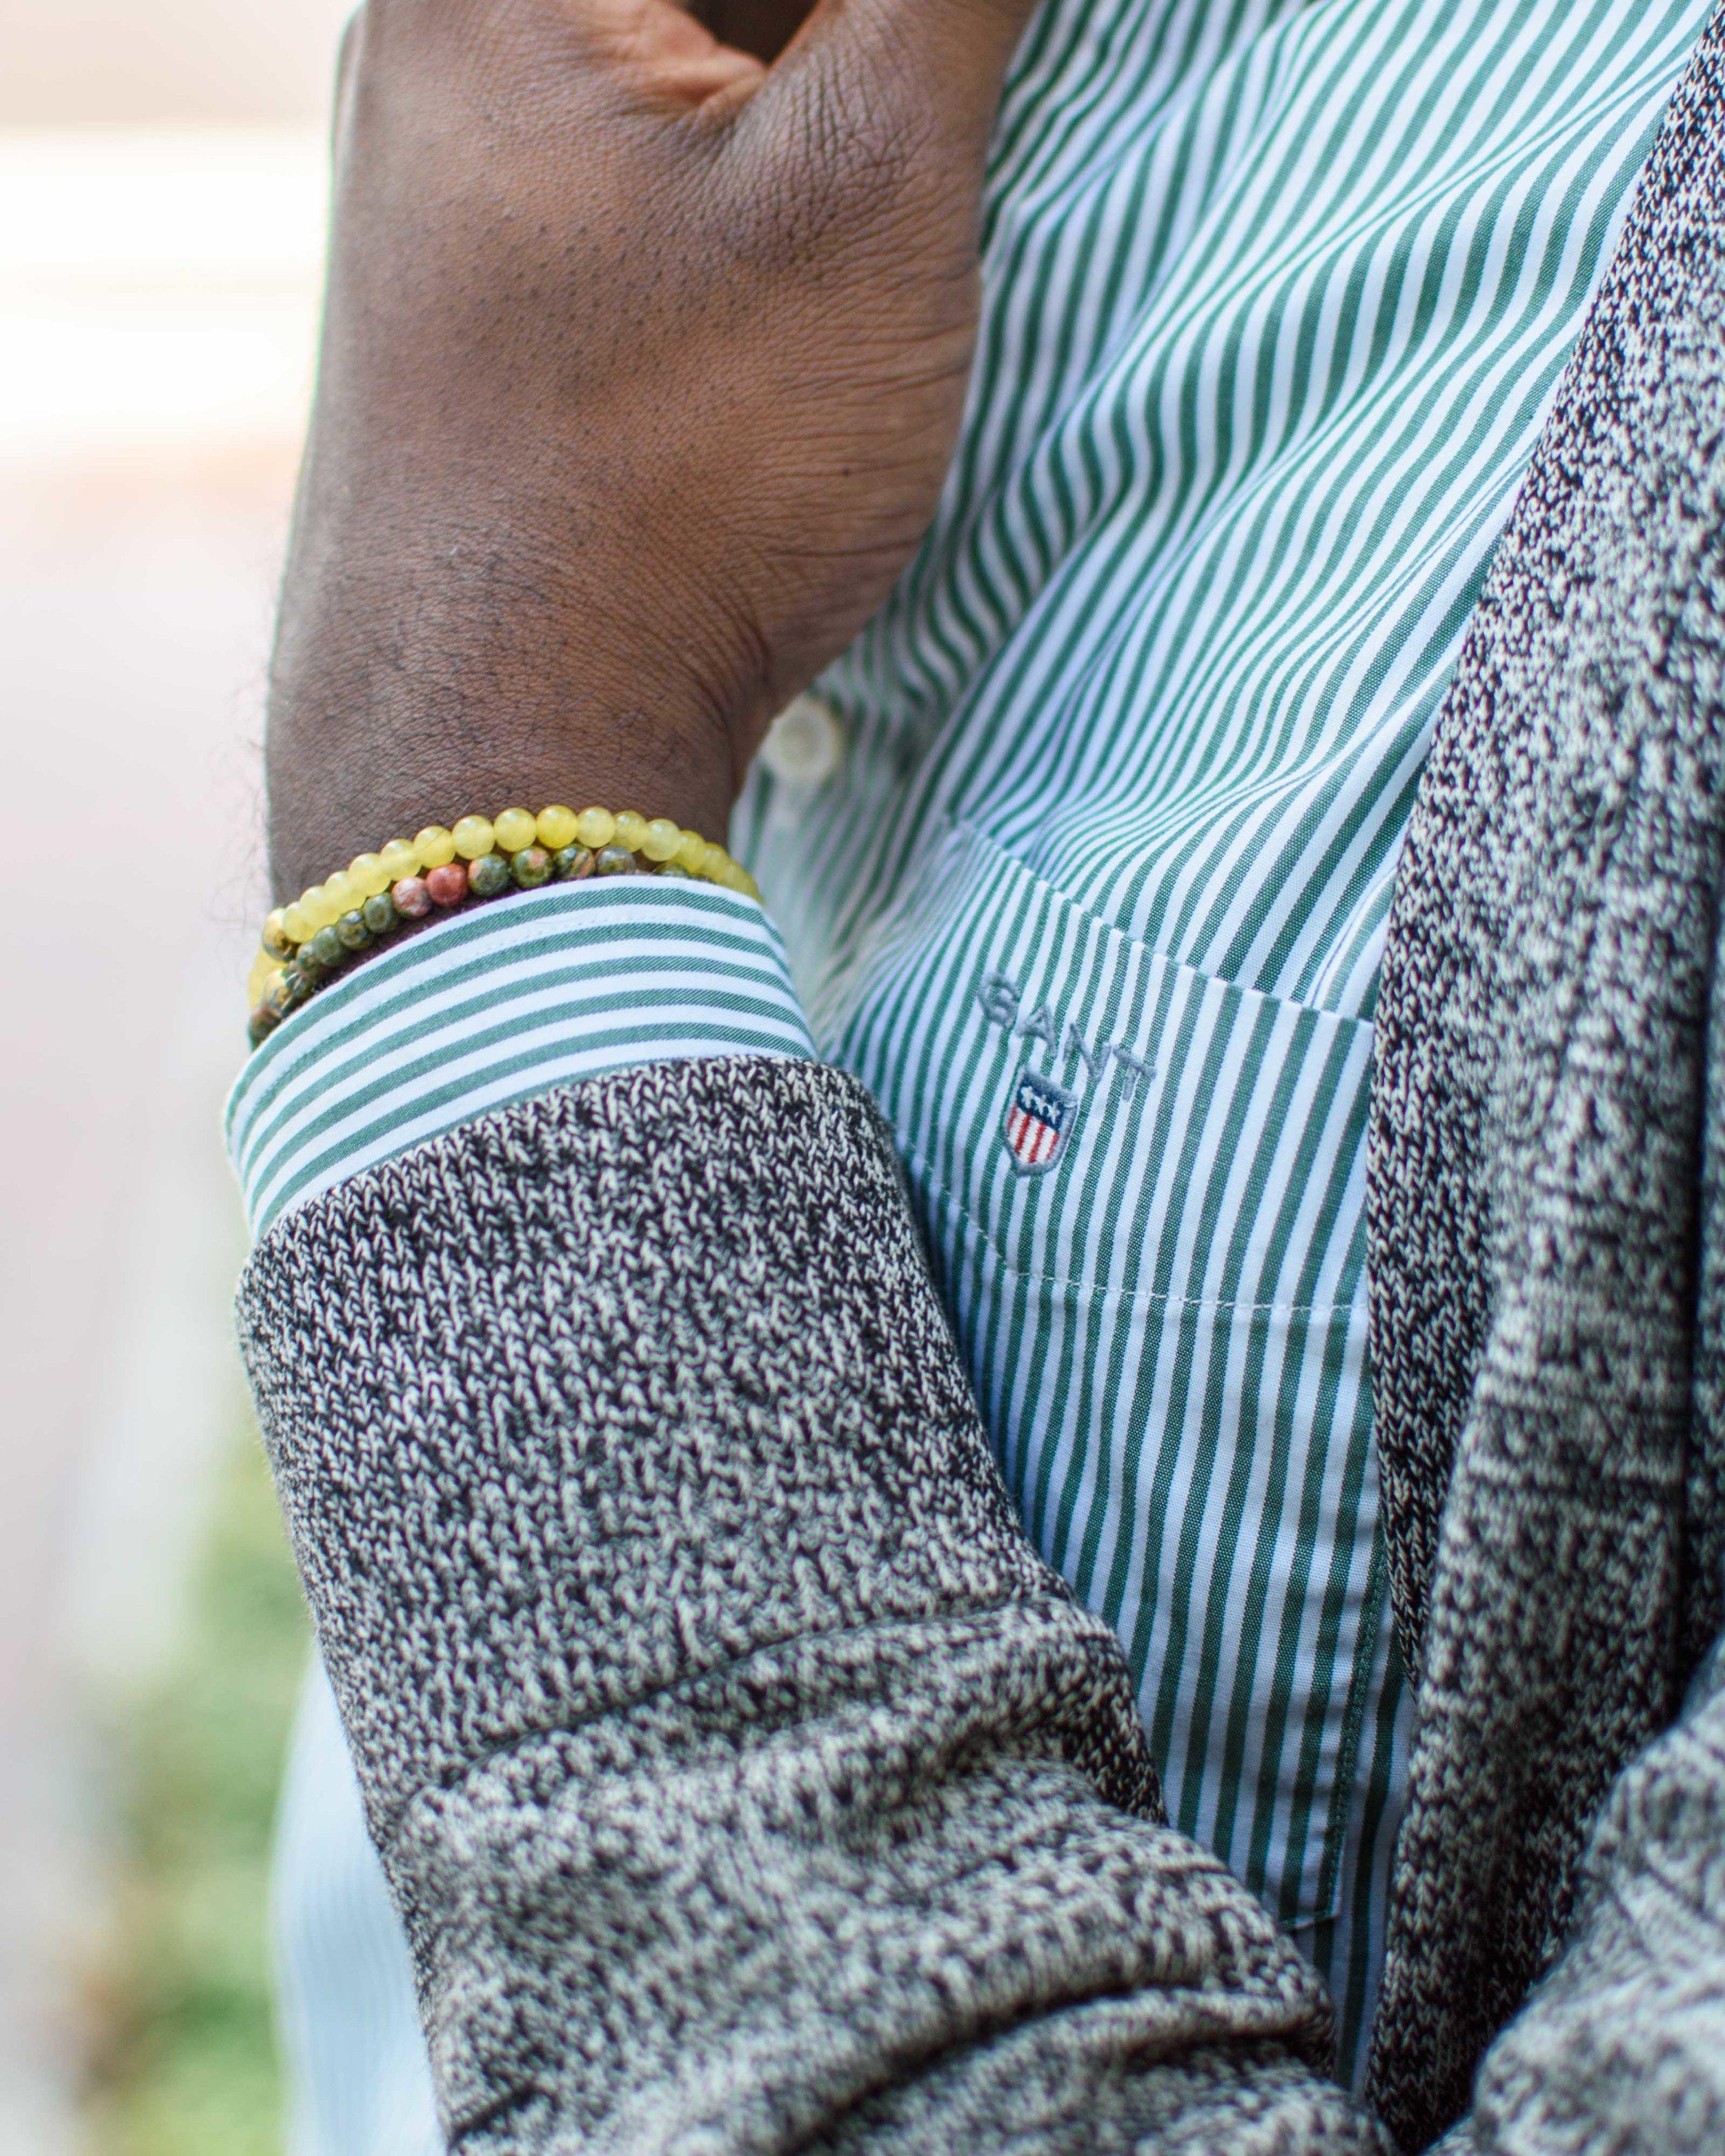 gant slim fit banker striped shirt pine green details.JPG